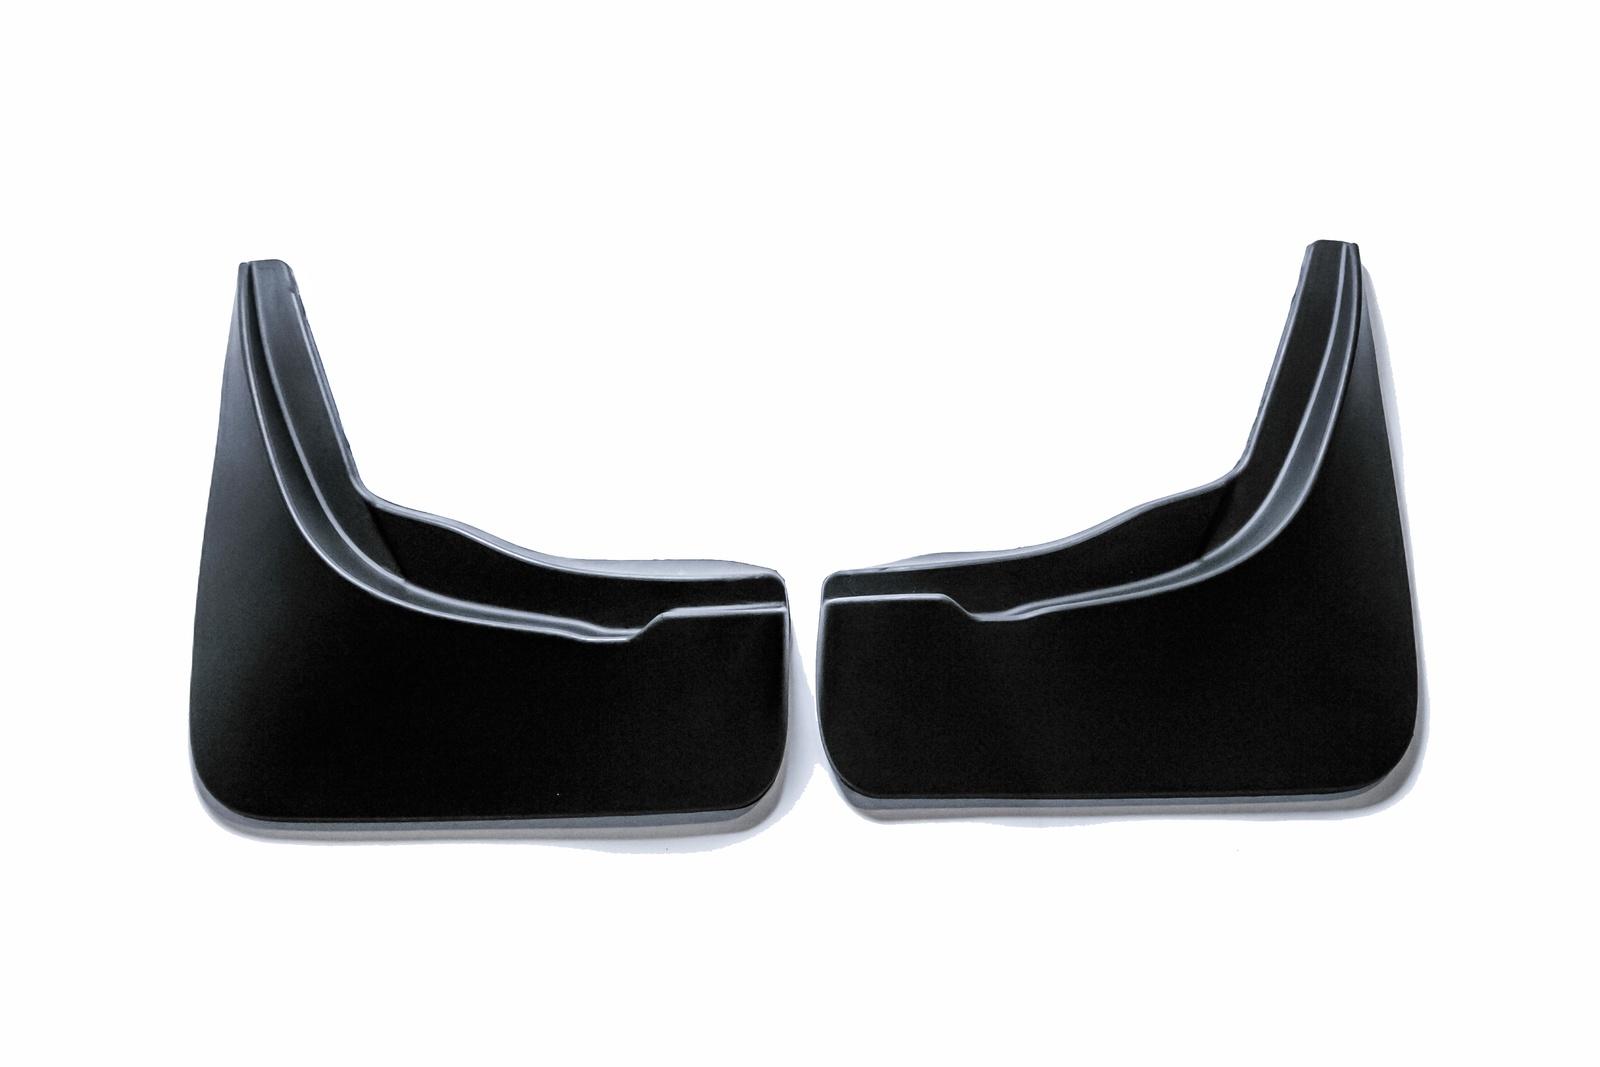 Брызговики резиновые для Renault Duster (2011-2015) Задние брызговики задние без расширителей 22922767 для chevrolet tahoe iv 2015